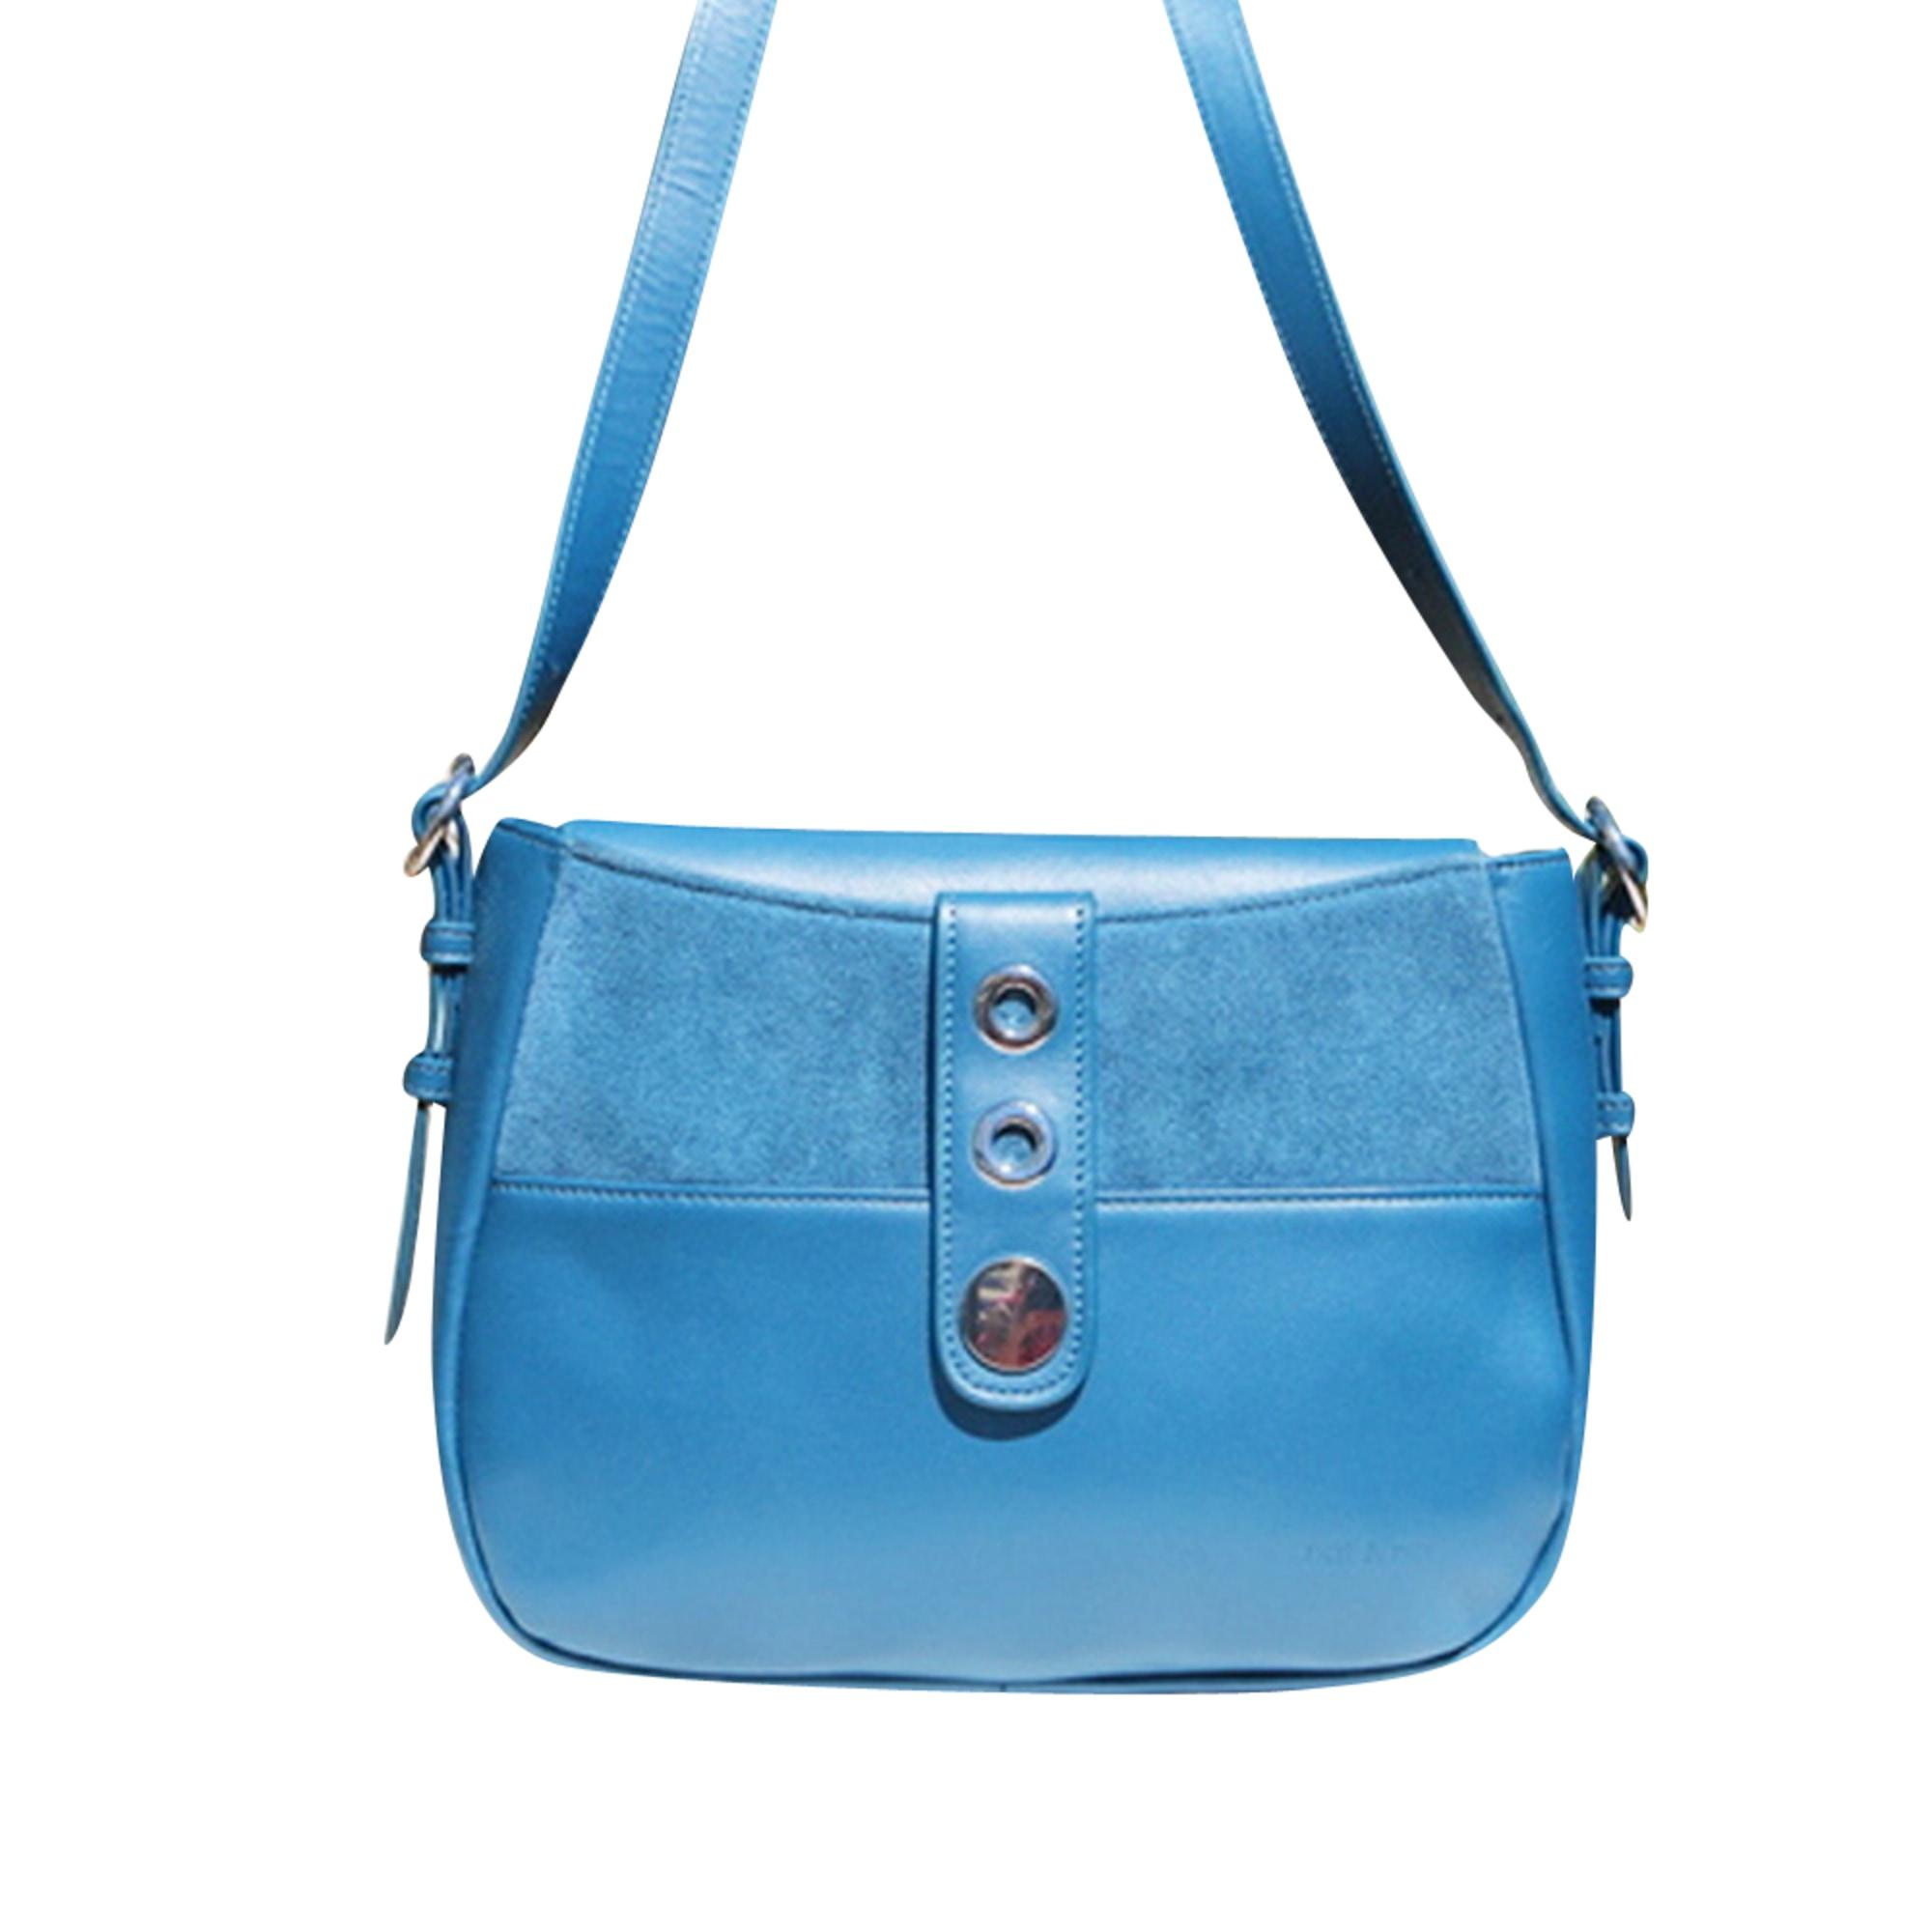 Leather Handbag NAT & NIN Blue, navy, turquoise